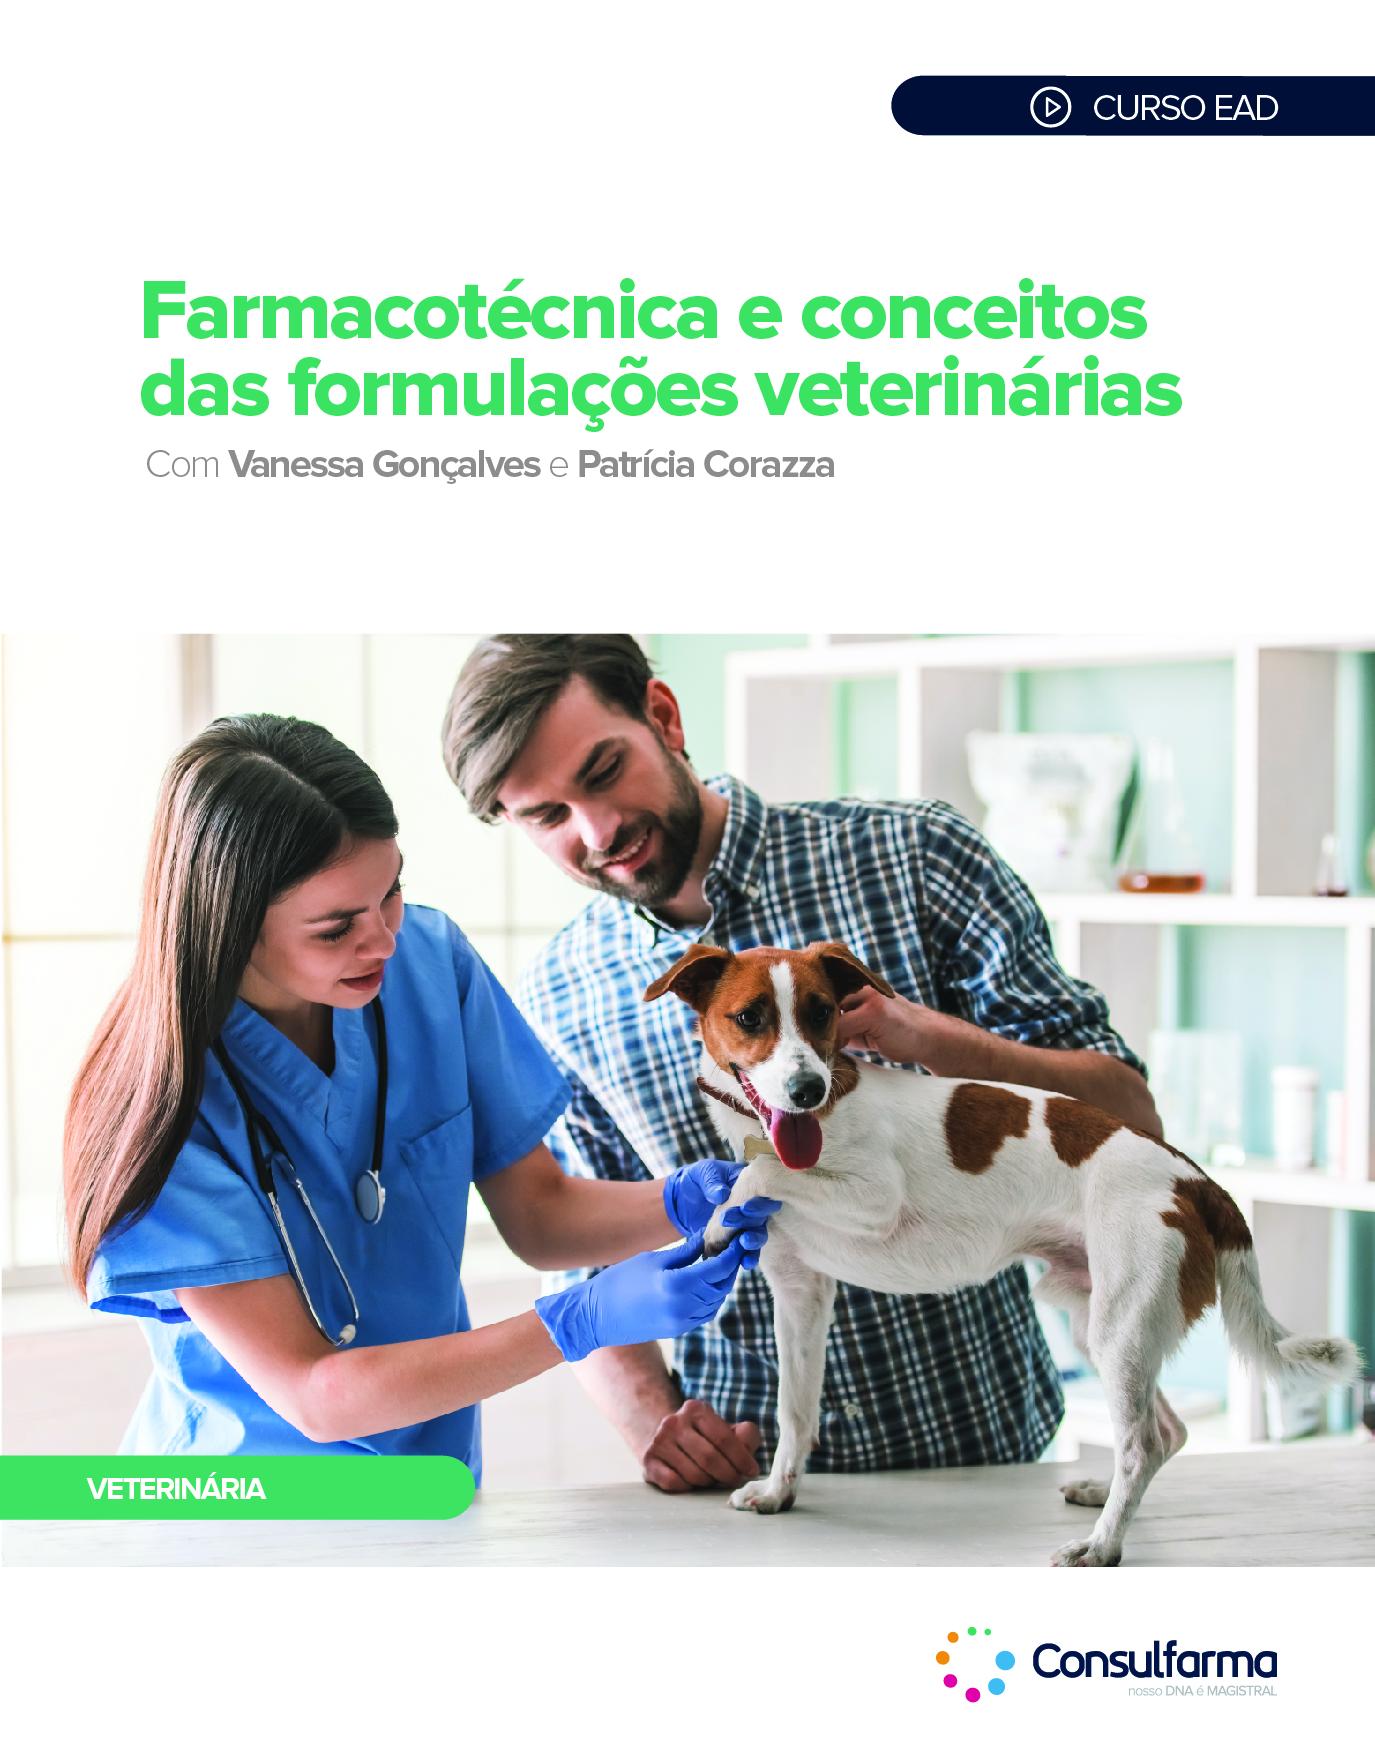 Farmacotécnica e Conceitos das Formulações Veterinárias